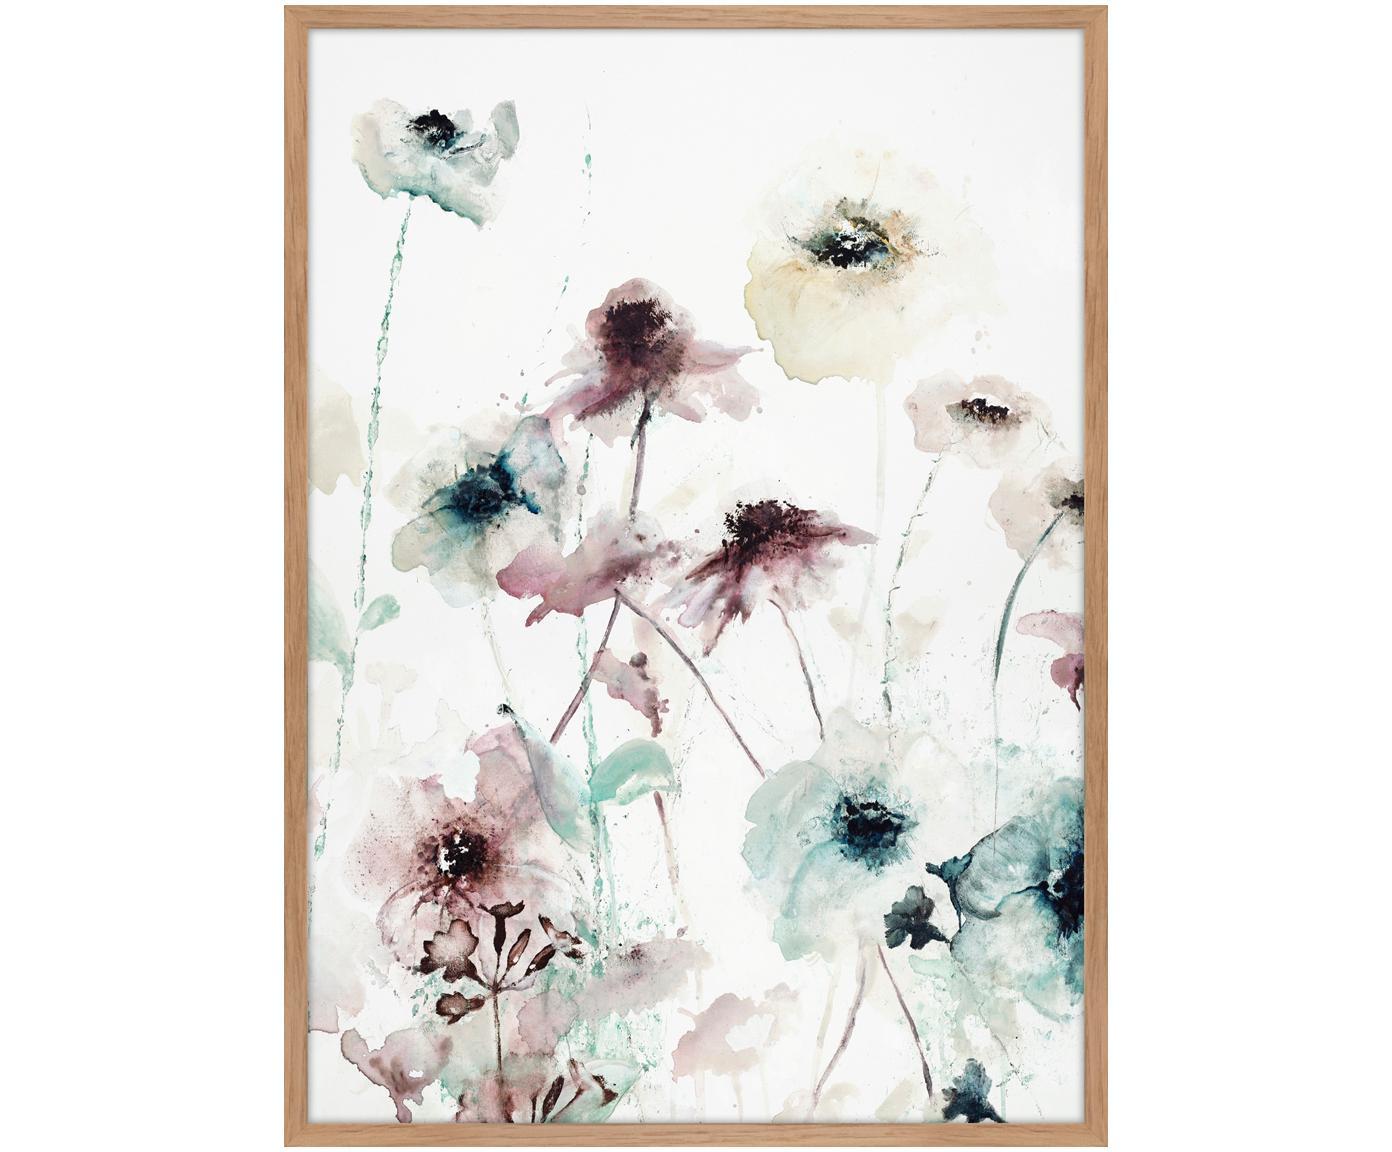 Ingelijste canvasdoek Flower Dance, Afbeelding: digitale print auf linnen, Frame: Vezelplaat met hoge dicht, Multicolour, 50 x 70 cm